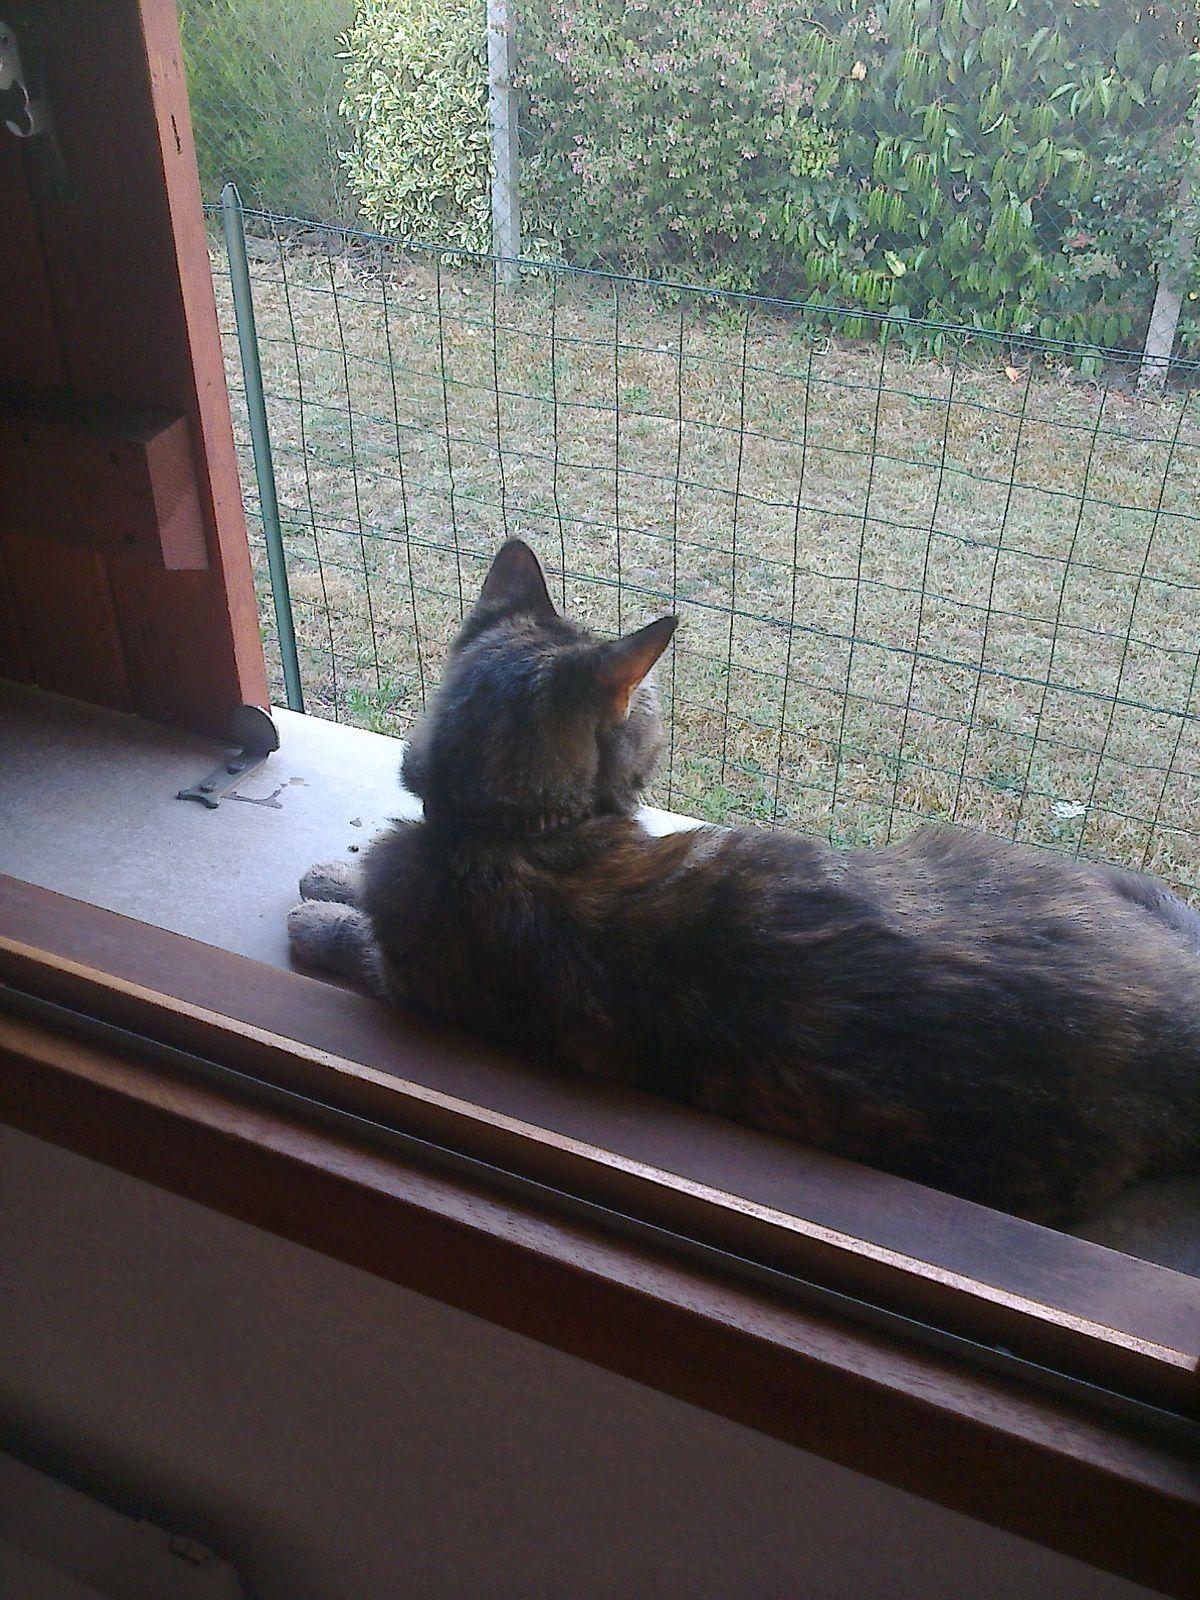 Pépita a commencer a trouver son endroit qu'elle aime le rebord d'une fenêtre vue sur les jardins autour de la maison!!!